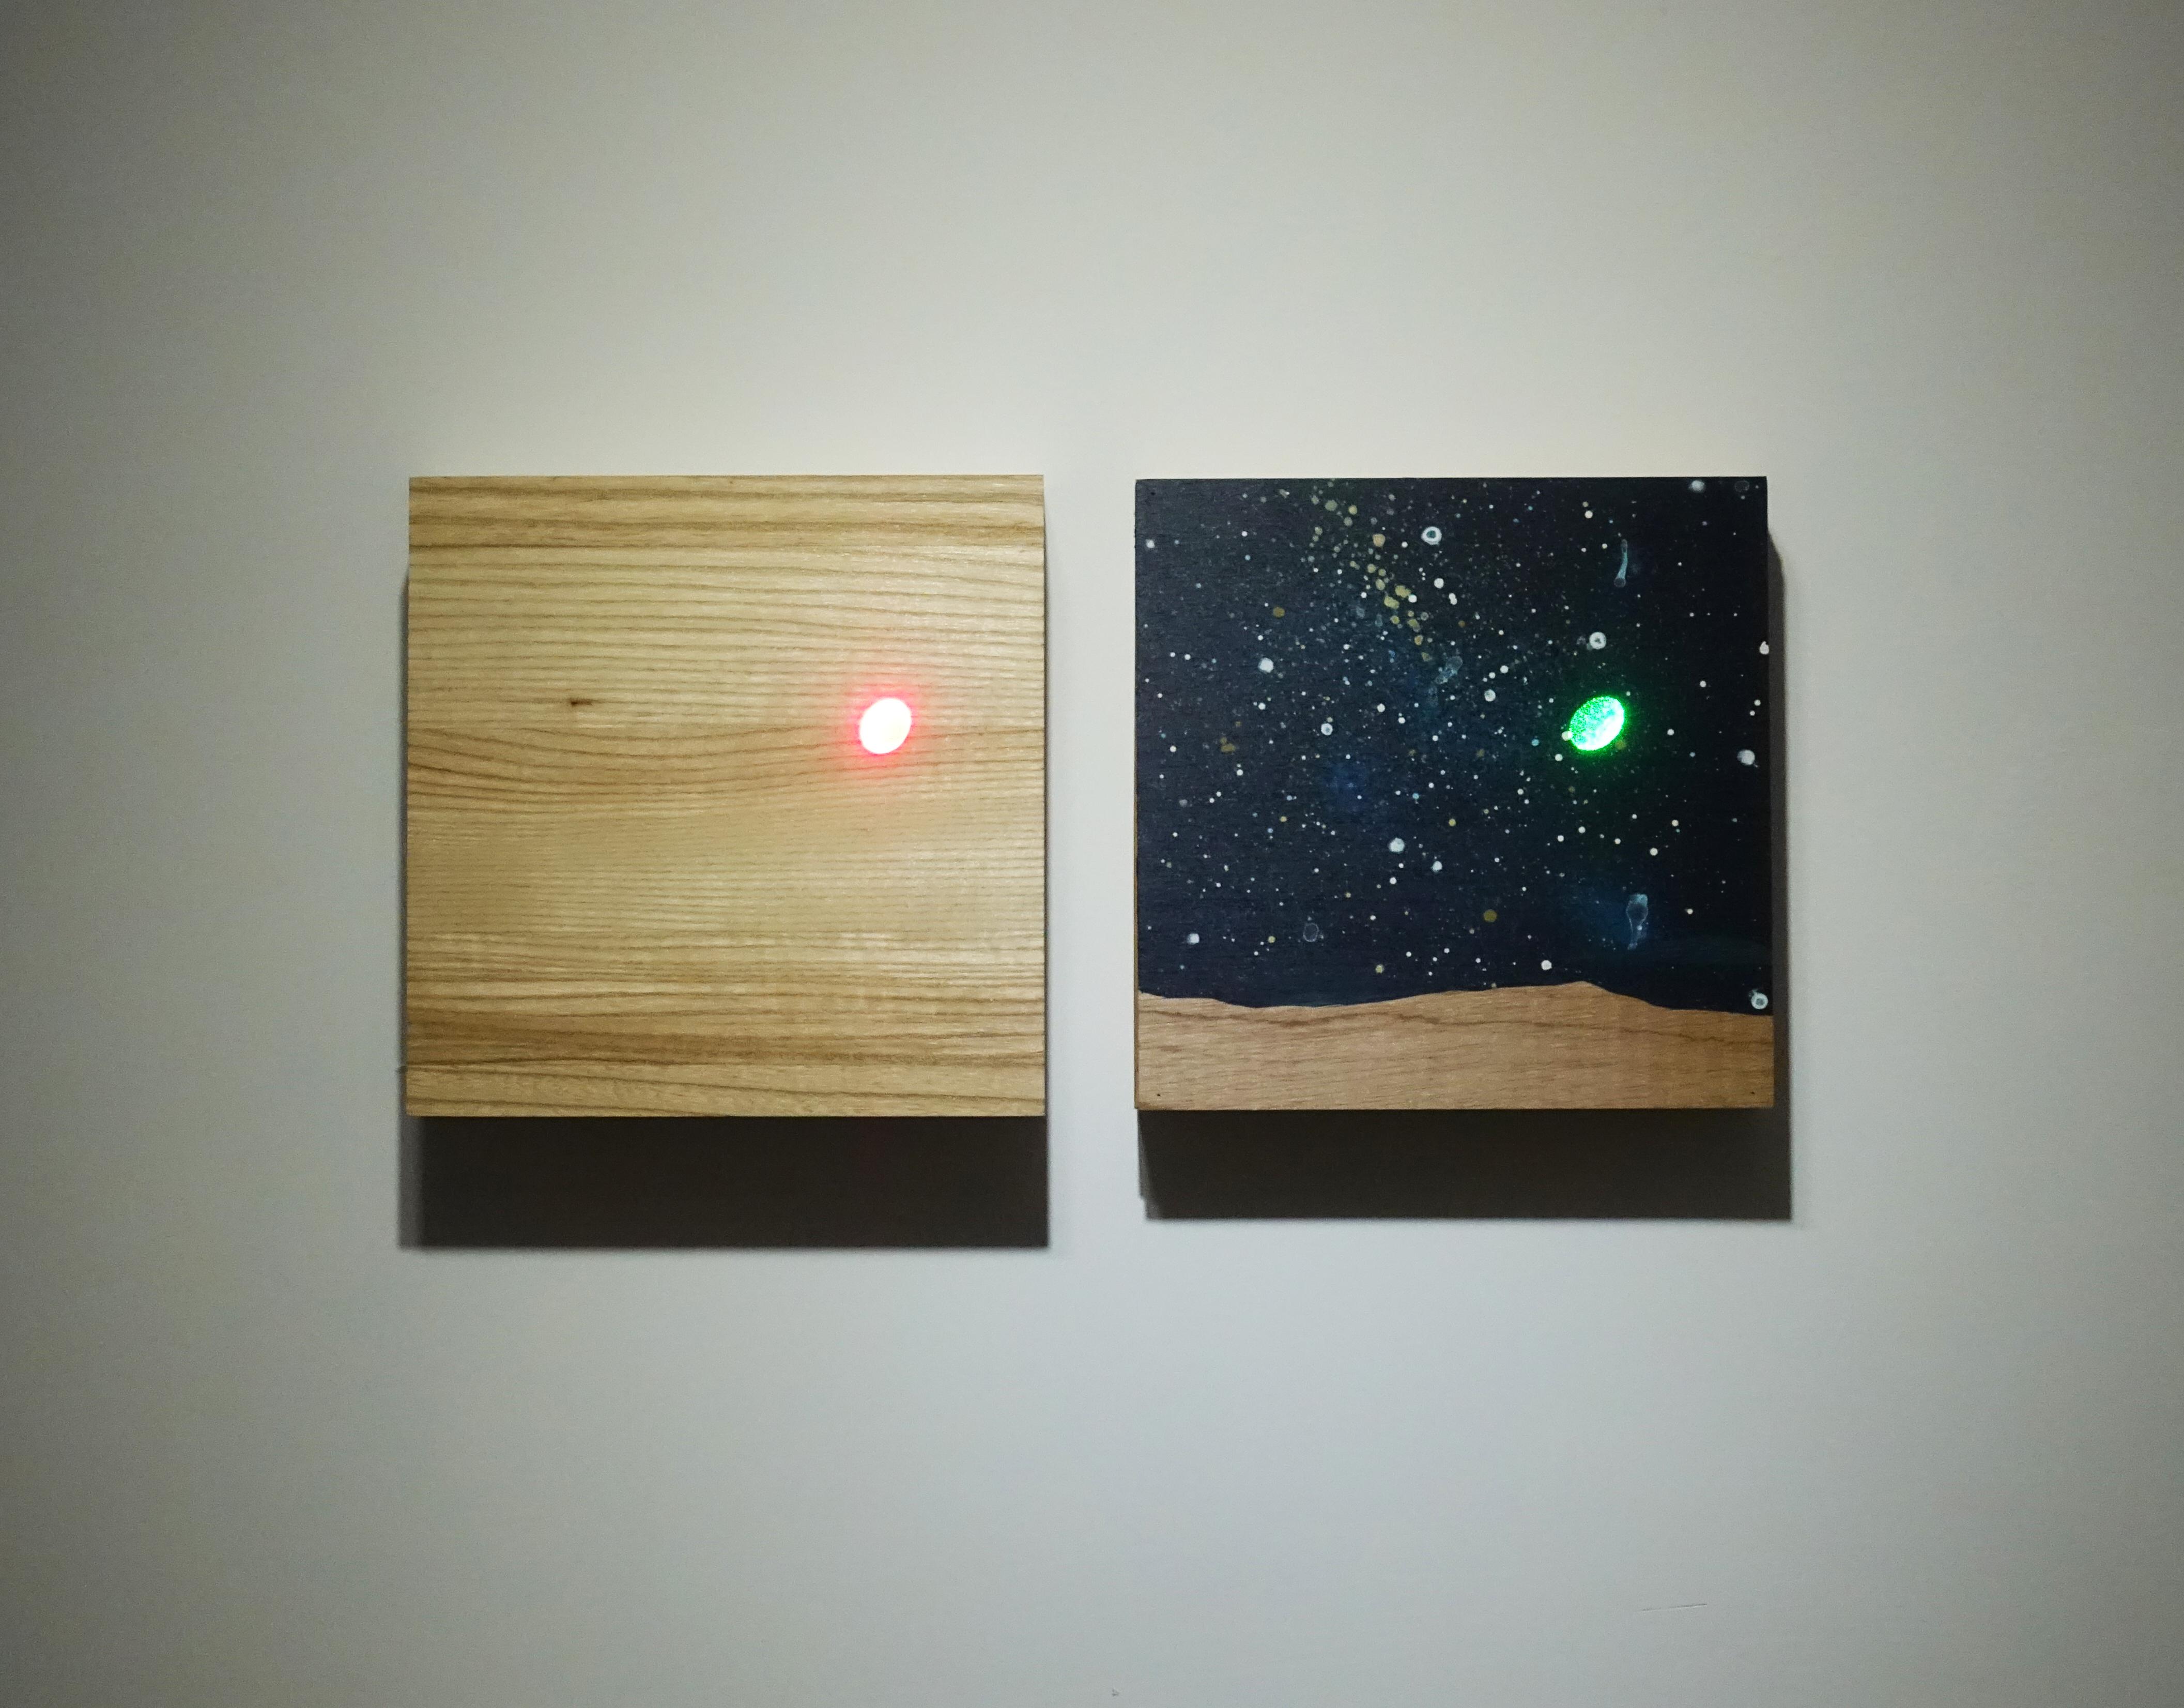 張獻文,《層敘・界1》,20x20x5 cm(左),20x20x3.5cm(右),木板、丙烯酸顏料、鐳射,2019。